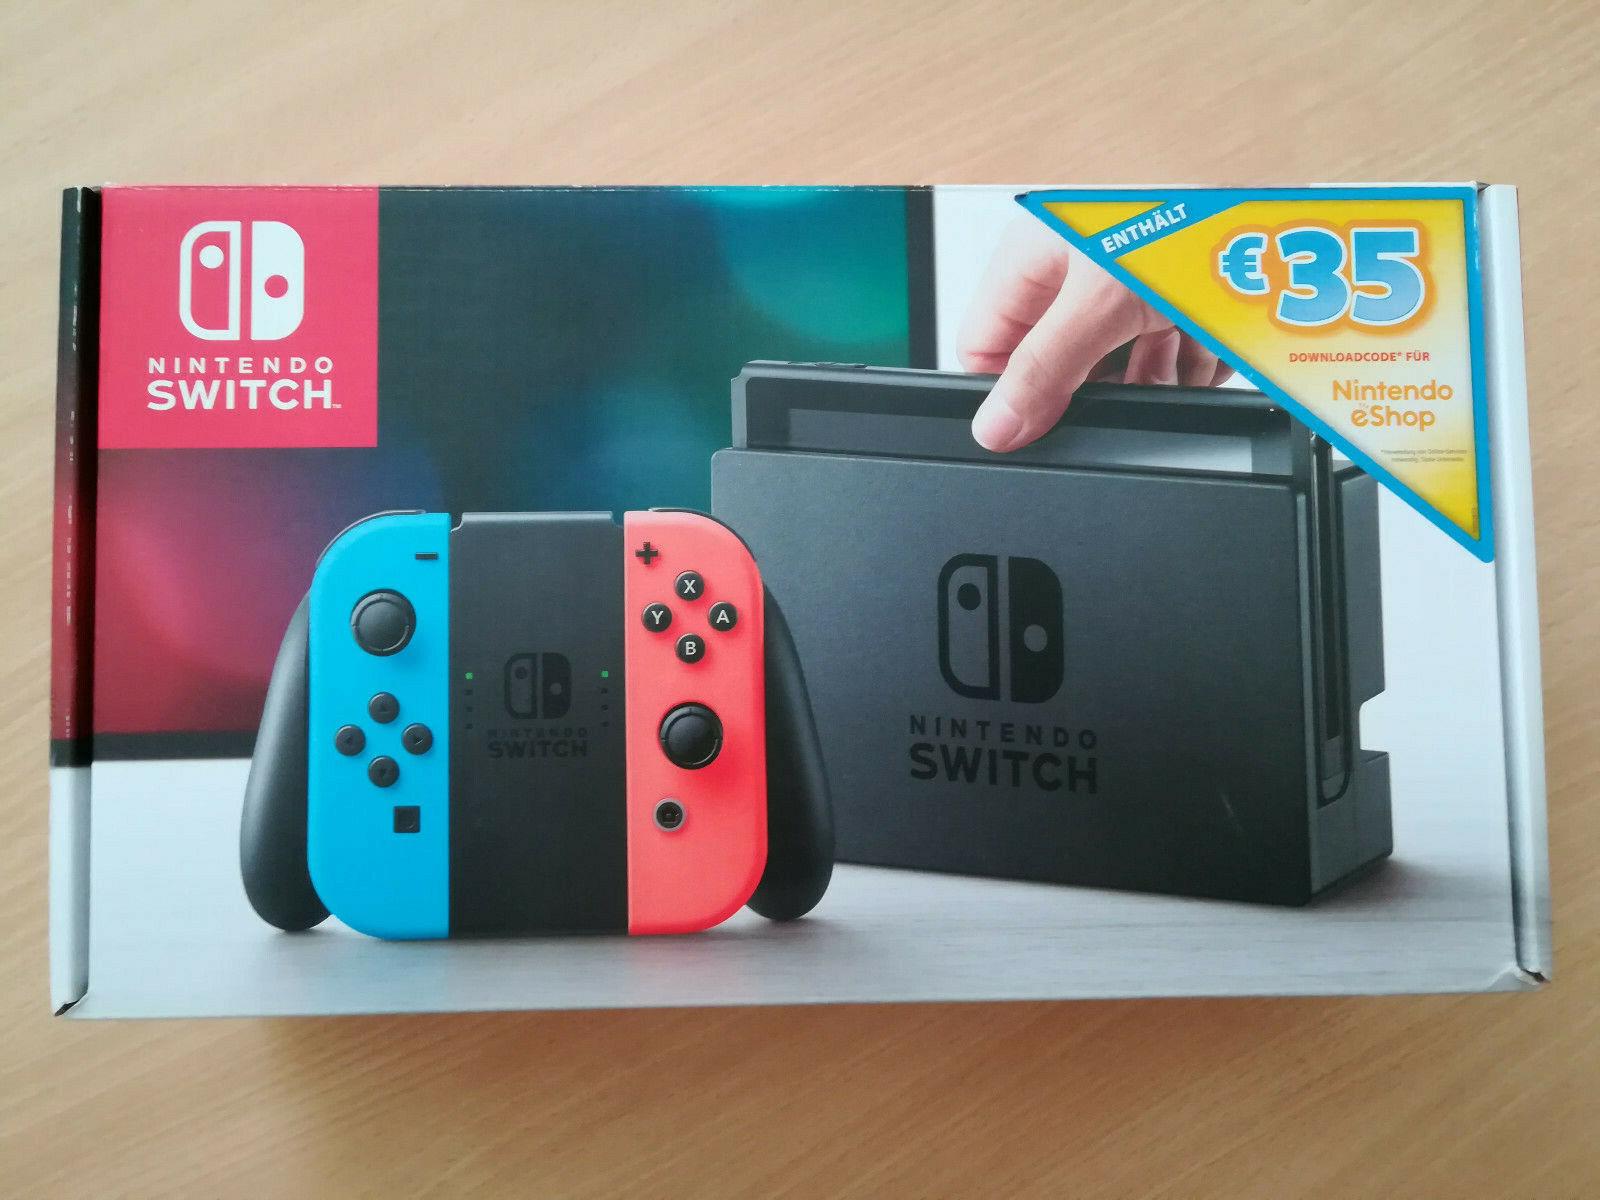 Nintendo Switch Spielekonsole, 2 Spiele (Zelda-Breath of the Wild), Rg. 27.07.20